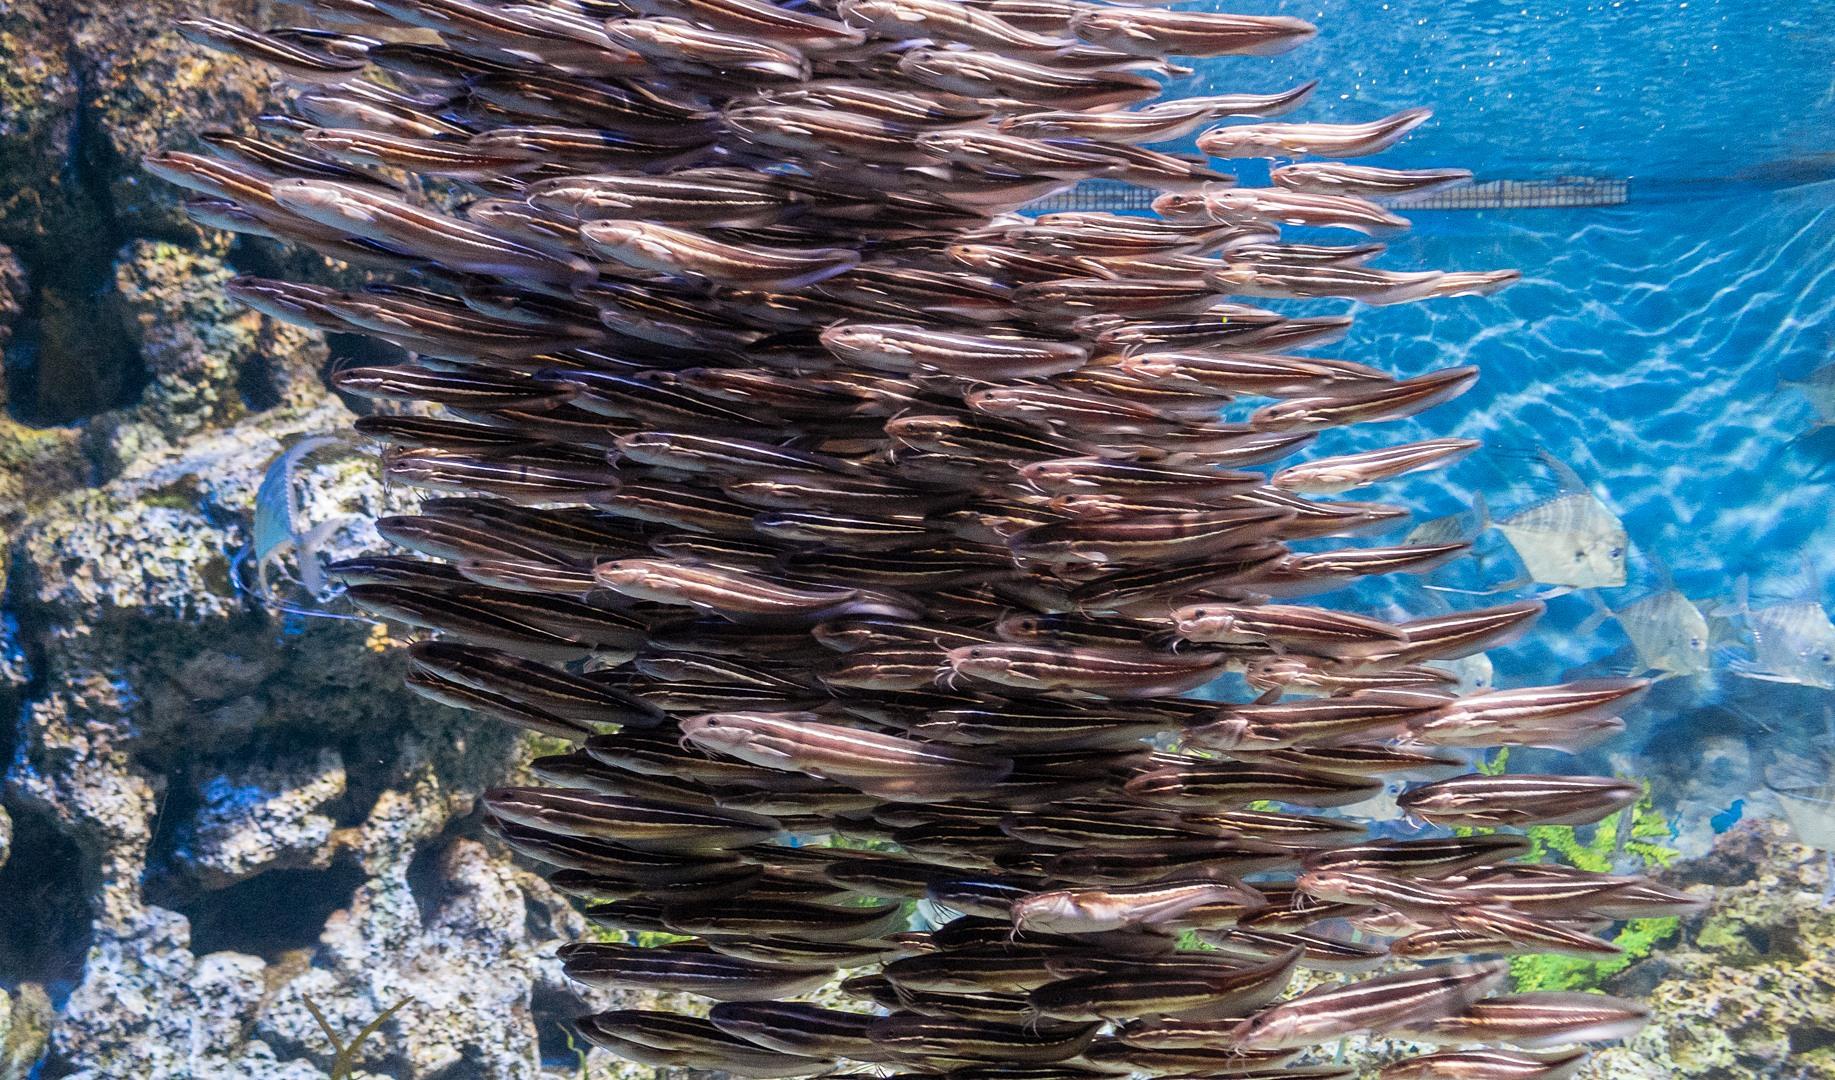 Полосатые угрехвостые сомики, Striped Eel Catfish (Plotosus lineatus), S.E.A. Aquarium